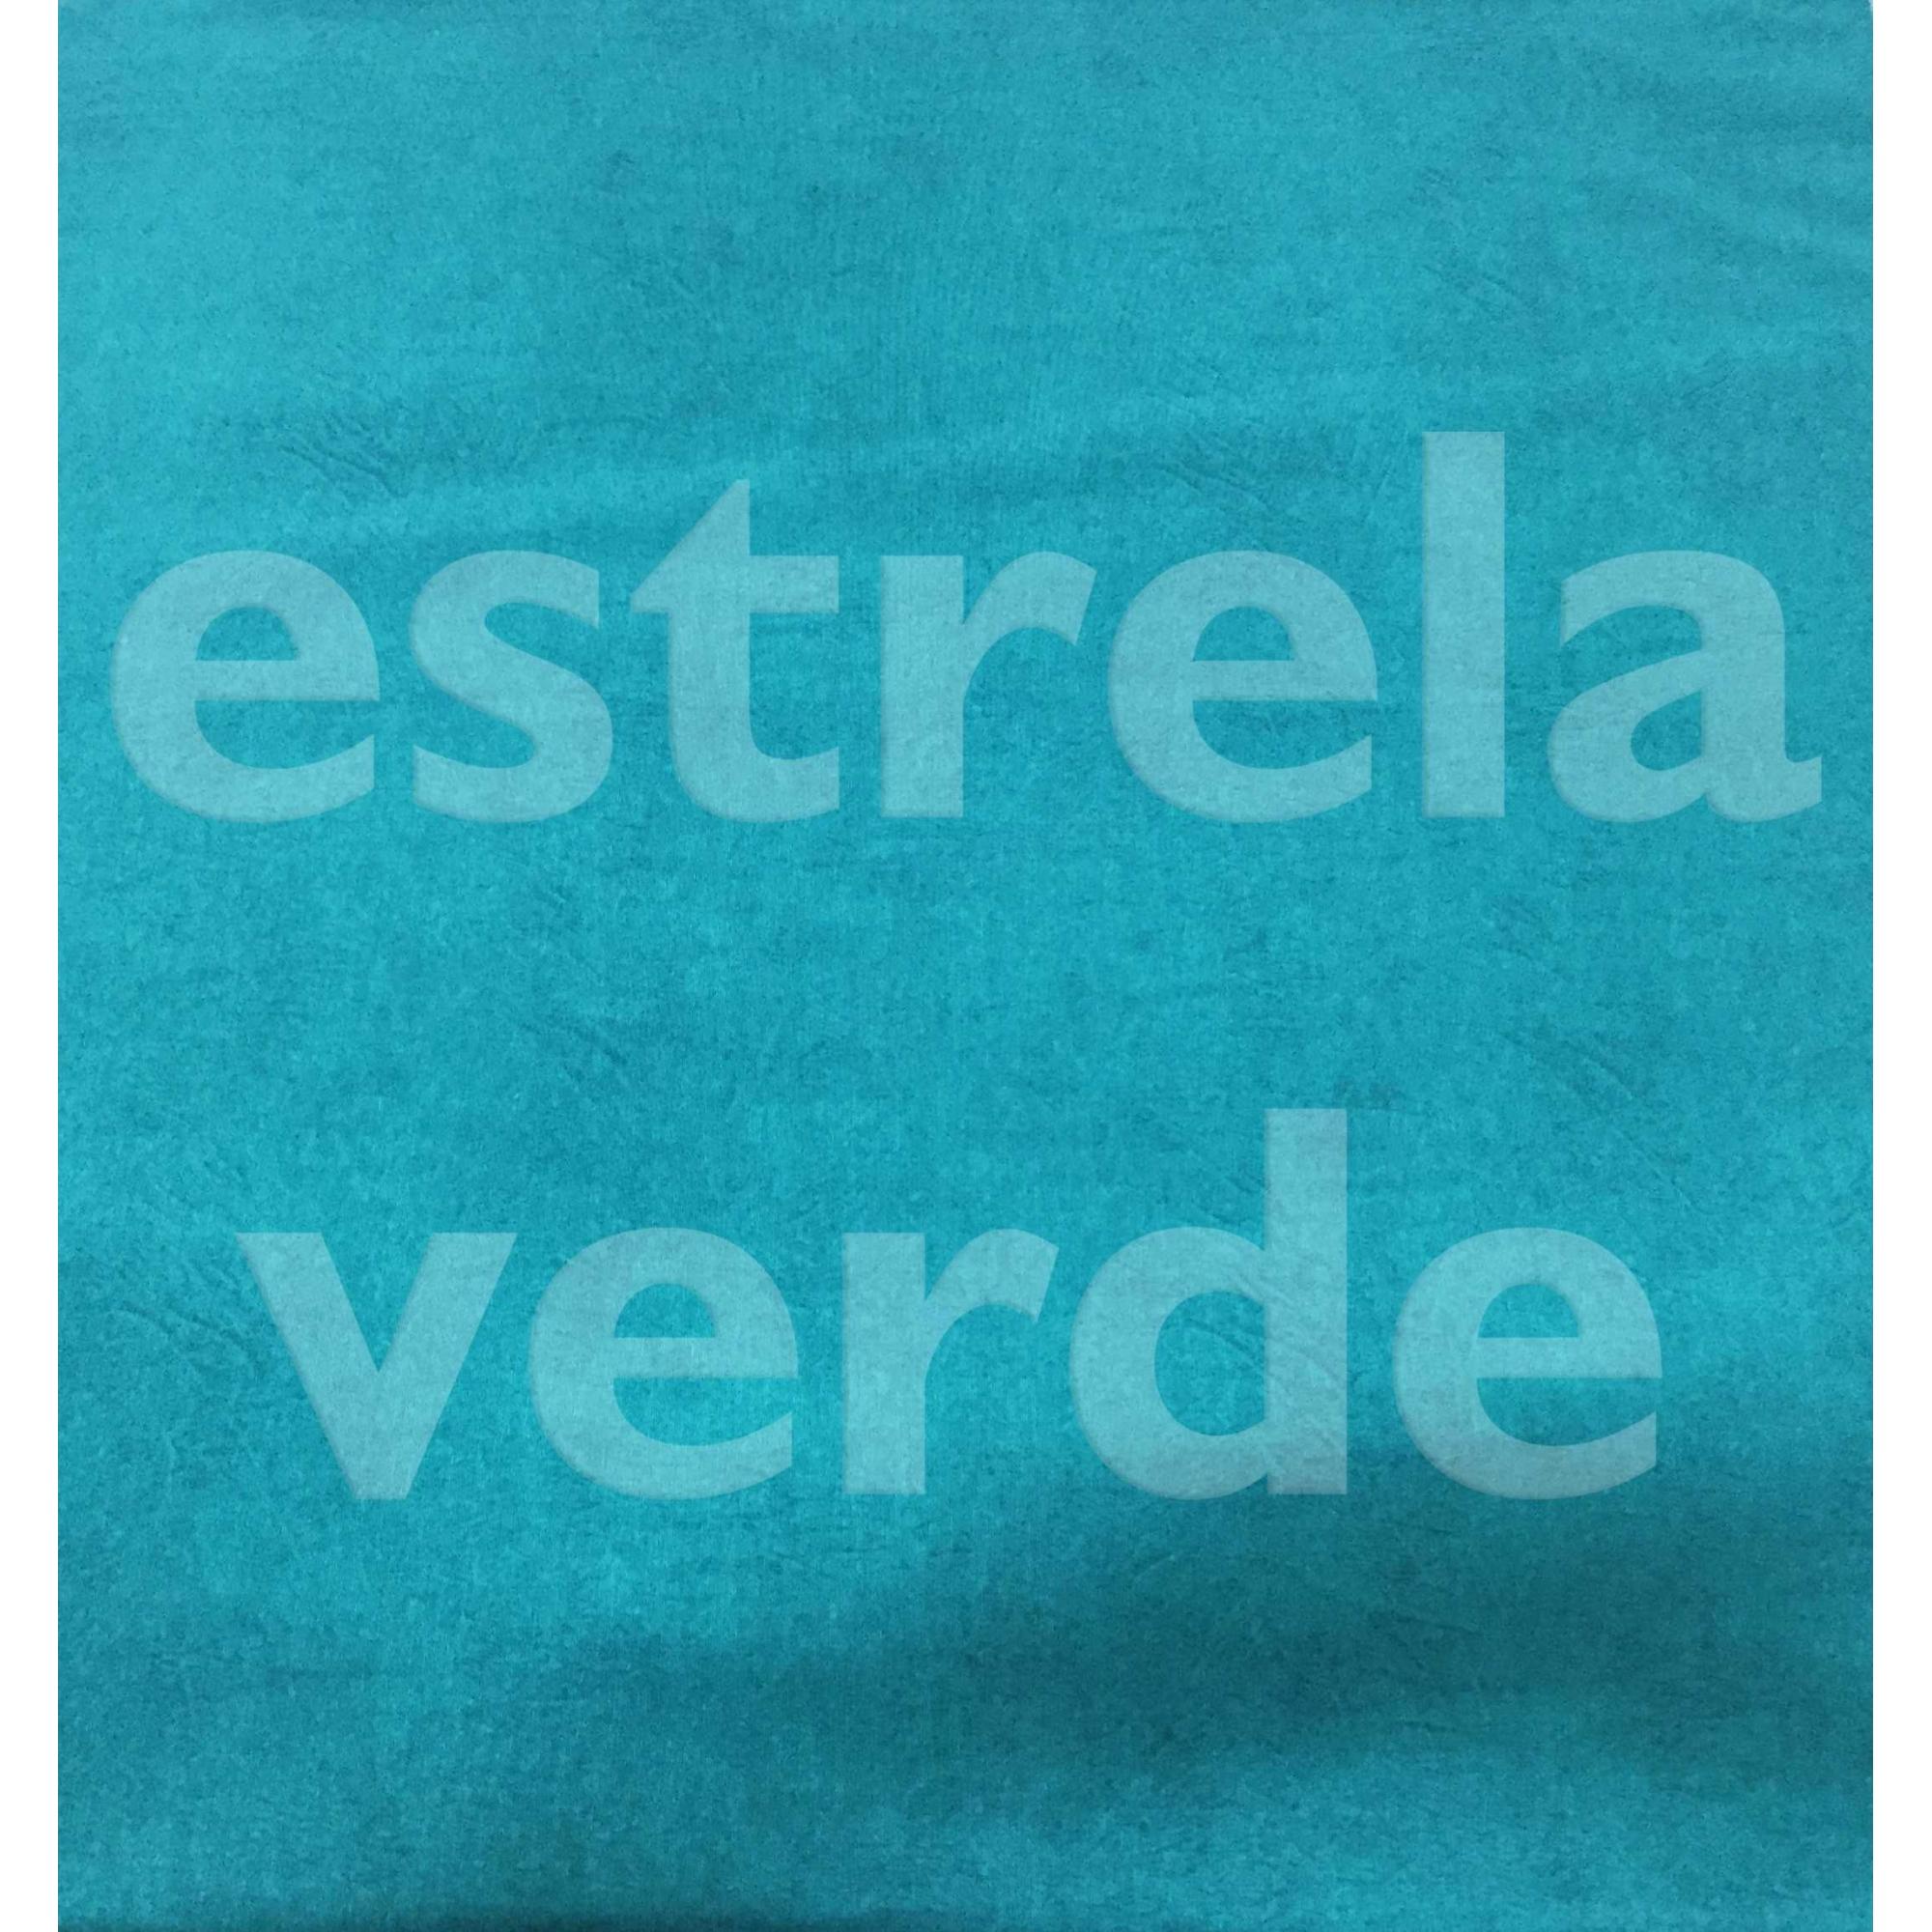 TECIDO IMPERMEAVEL SAPUCAIA ESMERALDA 289029 DESCO  - Estrela Verde